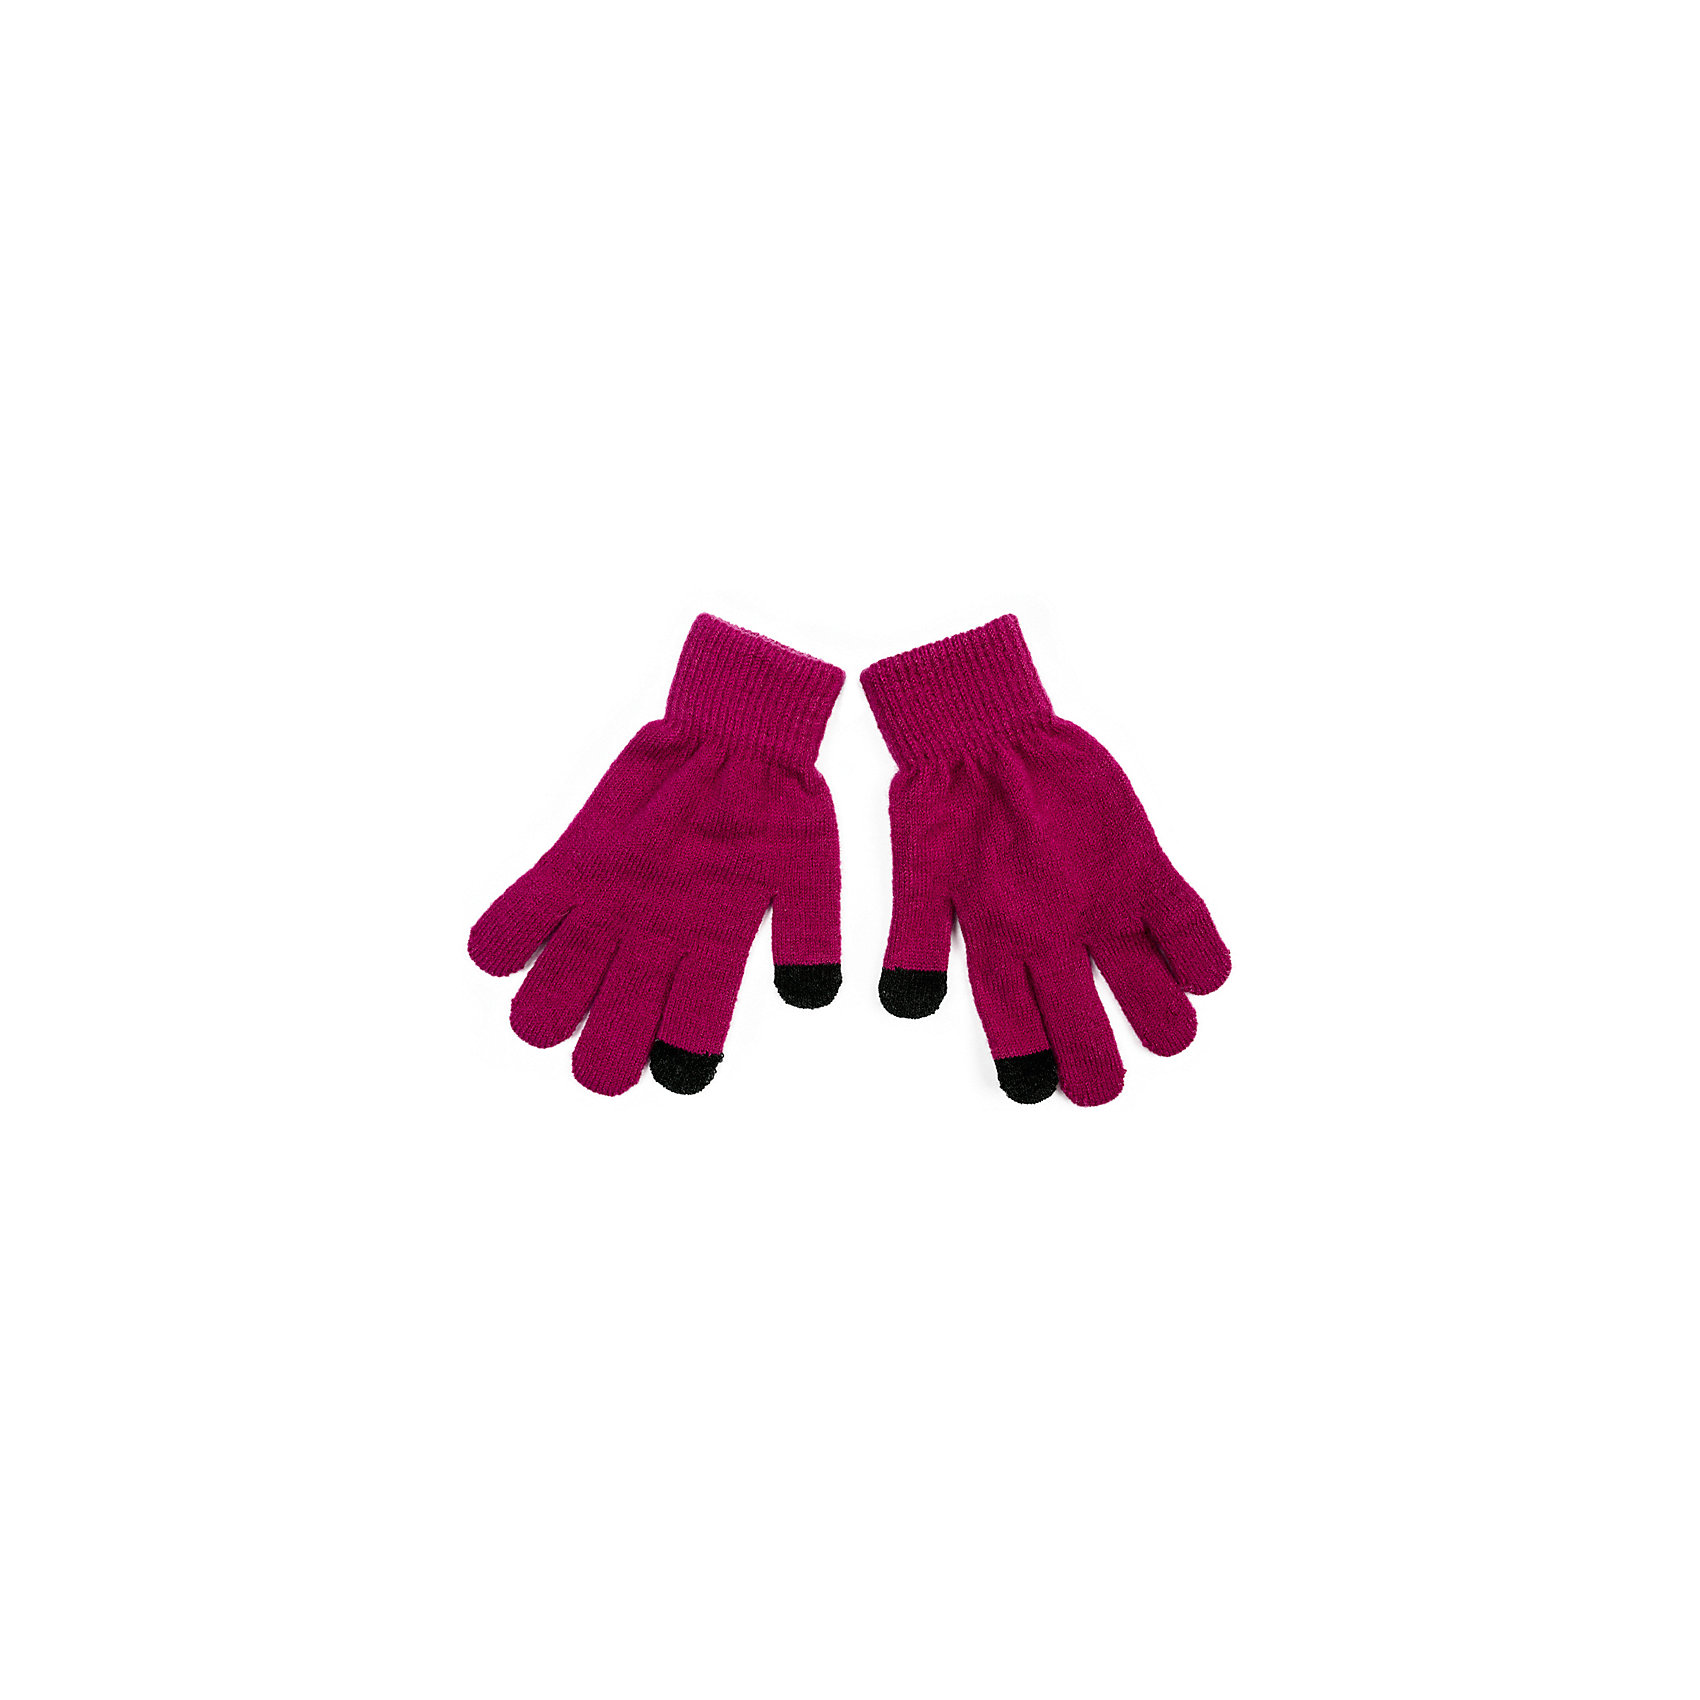 Перчатки Scool для девочкиВерхняя одежда<br>Перчатки Scool для девочки<br>Smart Gloves. Перчатки для сенсорных экранов! Вязаные перчатки станут идеальным вариантом для прохладной погоды. Они очень мягкие, хорошо тянутся и прекрасно сохраняют тепло. На манжетах - плотная резинка, которая хорошо держит перчатки на руках ребенка. На большом и указательном пальцах вплетены специальные нити, которые позволяют пользоваться телефоном, не снимая перчаток с рук.<br>Состав:<br>98% акрил, 2% эластан<br><br>Ширина мм: 162<br>Глубина мм: 171<br>Высота мм: 55<br>Вес г: 119<br>Цвет: розовый<br>Возраст от месяцев: 132<br>Возраст до месяцев: 156<br>Пол: Женский<br>Возраст: Детский<br>Размер: 7,5,6<br>SKU: 7105467